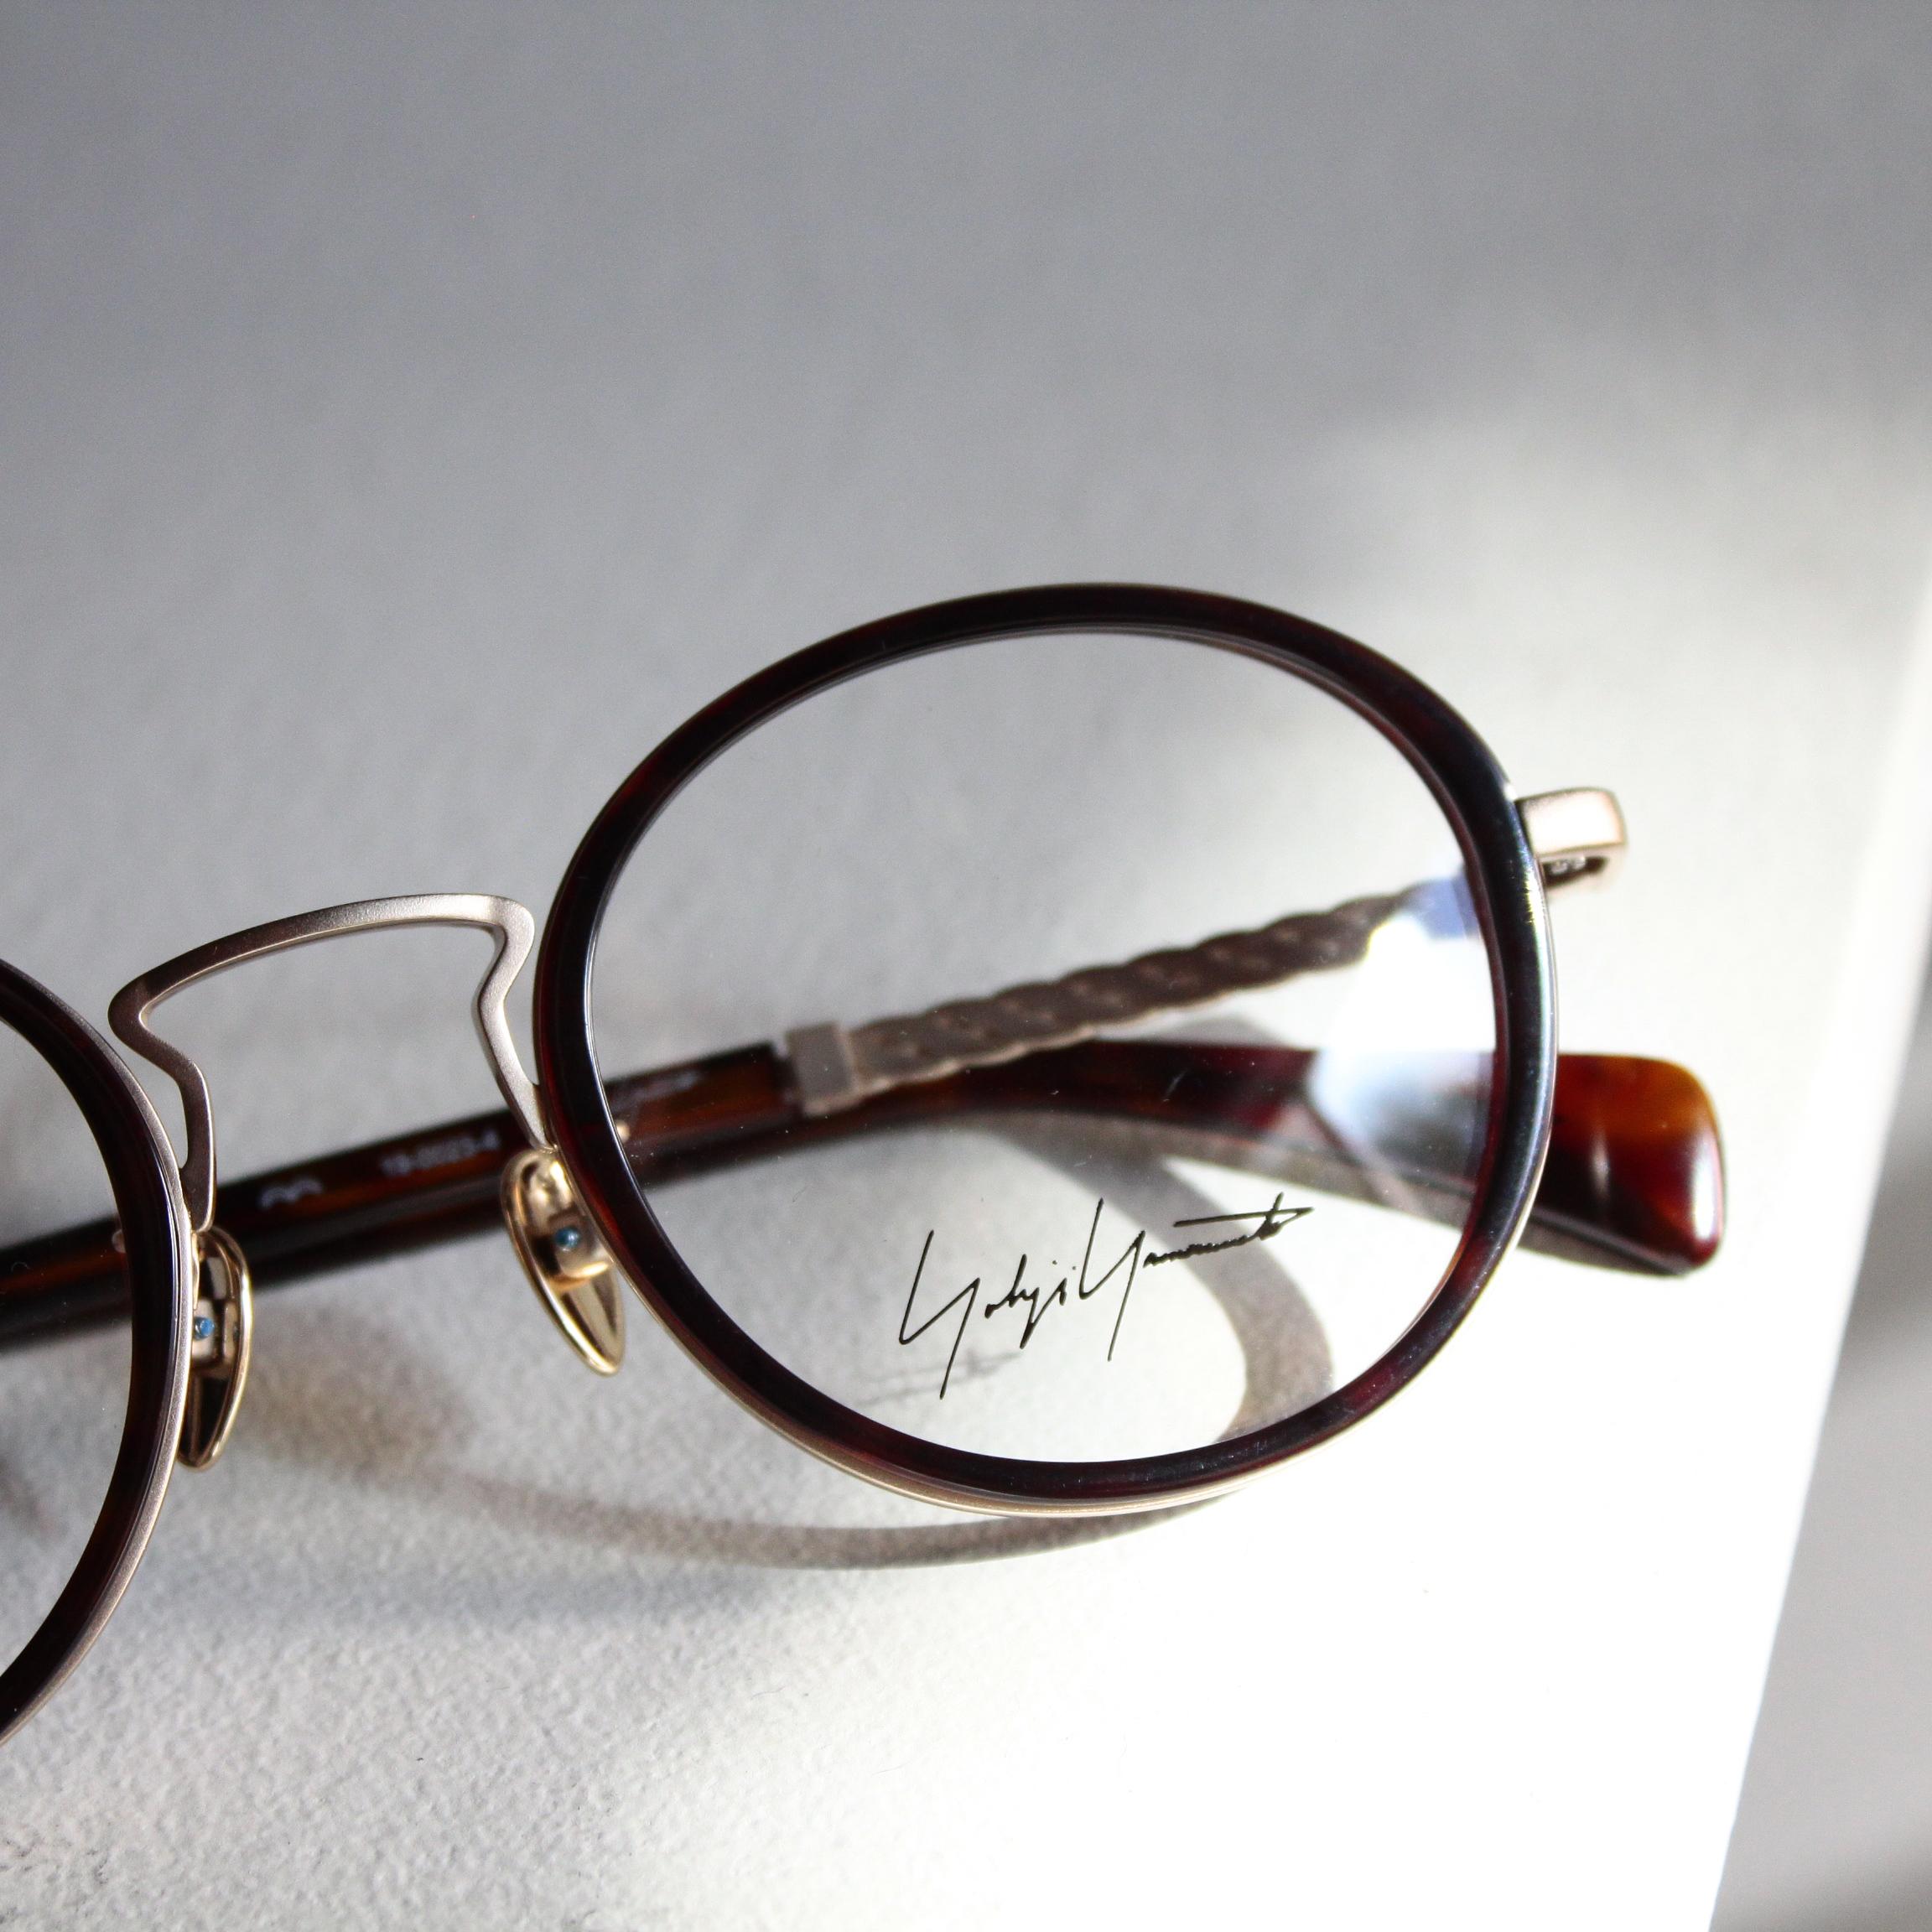 YOHJI YAMAMOTO Recommend Eyewear Collection